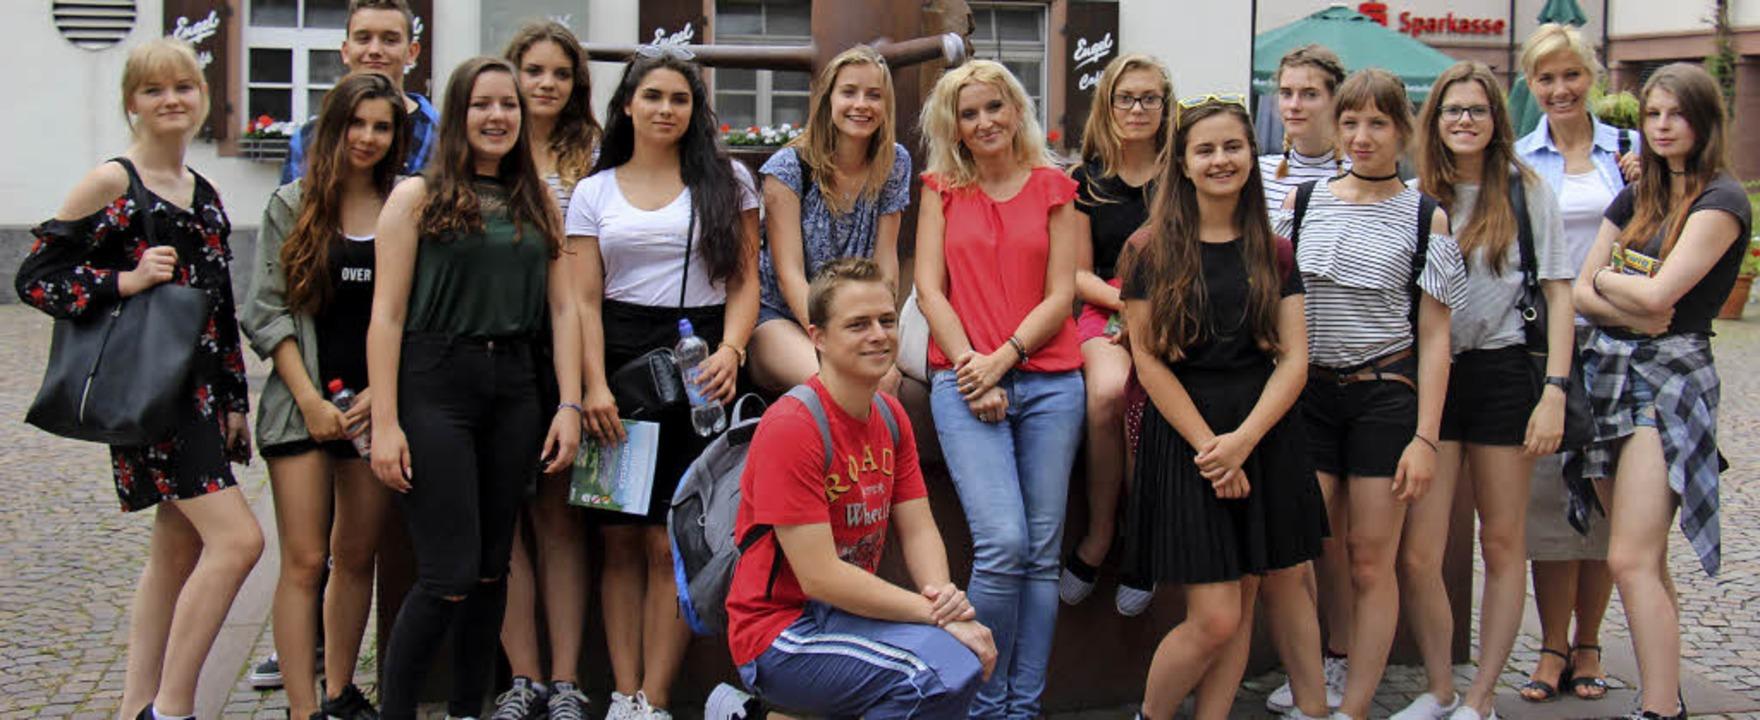 Polnische Austauschschüler besuchen derzeit Gundelfingen – und die Region.  | Foto: Enya Steinbrecher